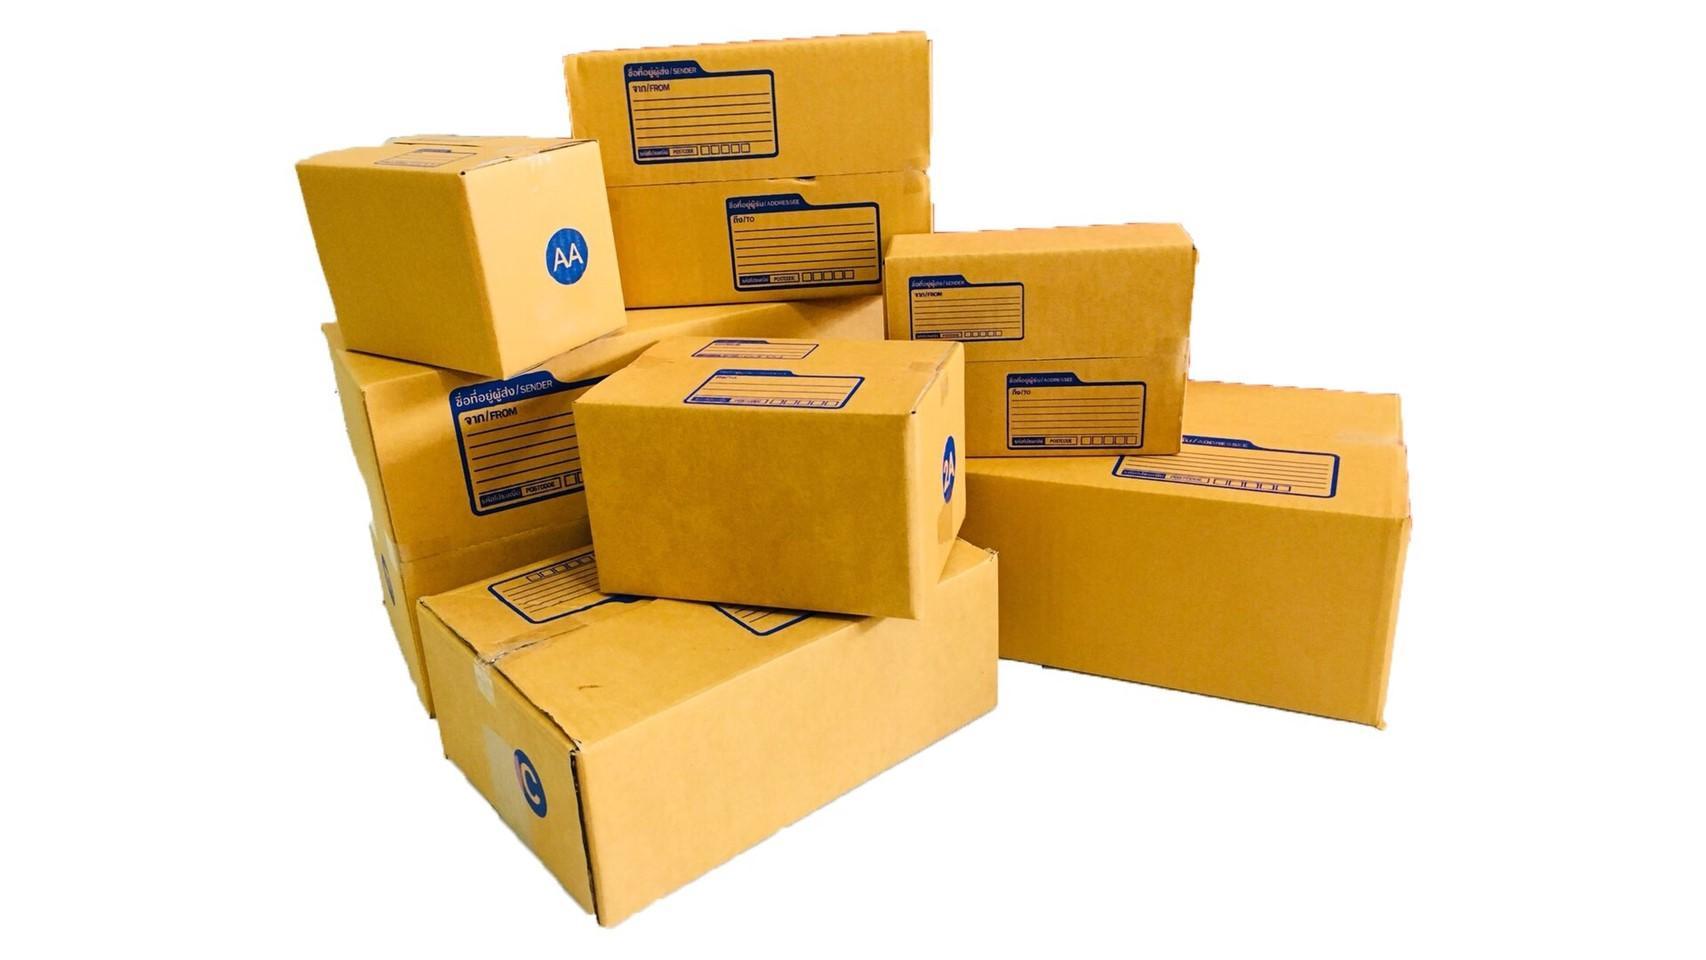 กล่องไปรษณีย์ฝาชนสีน้ำตาลเบอร์ 0 ขนาดกว้าง 11 cm ยาว 17 cm สูง 6 cm แพ็ค 10 ใบ